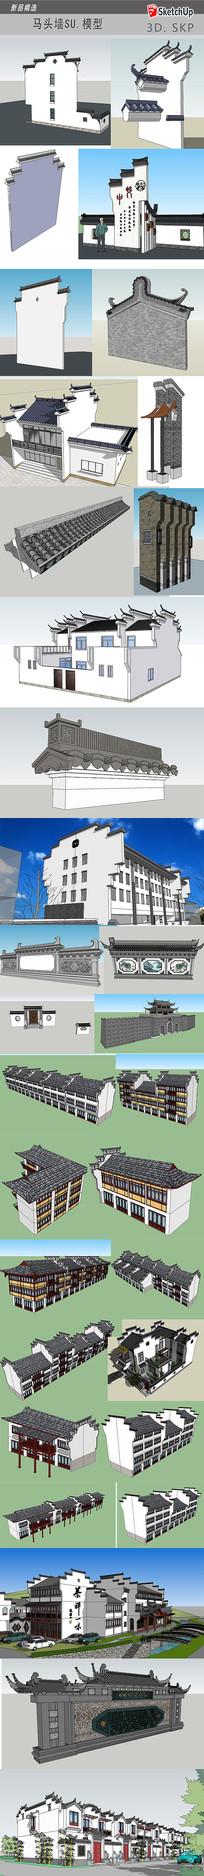 中式古典建筑模型